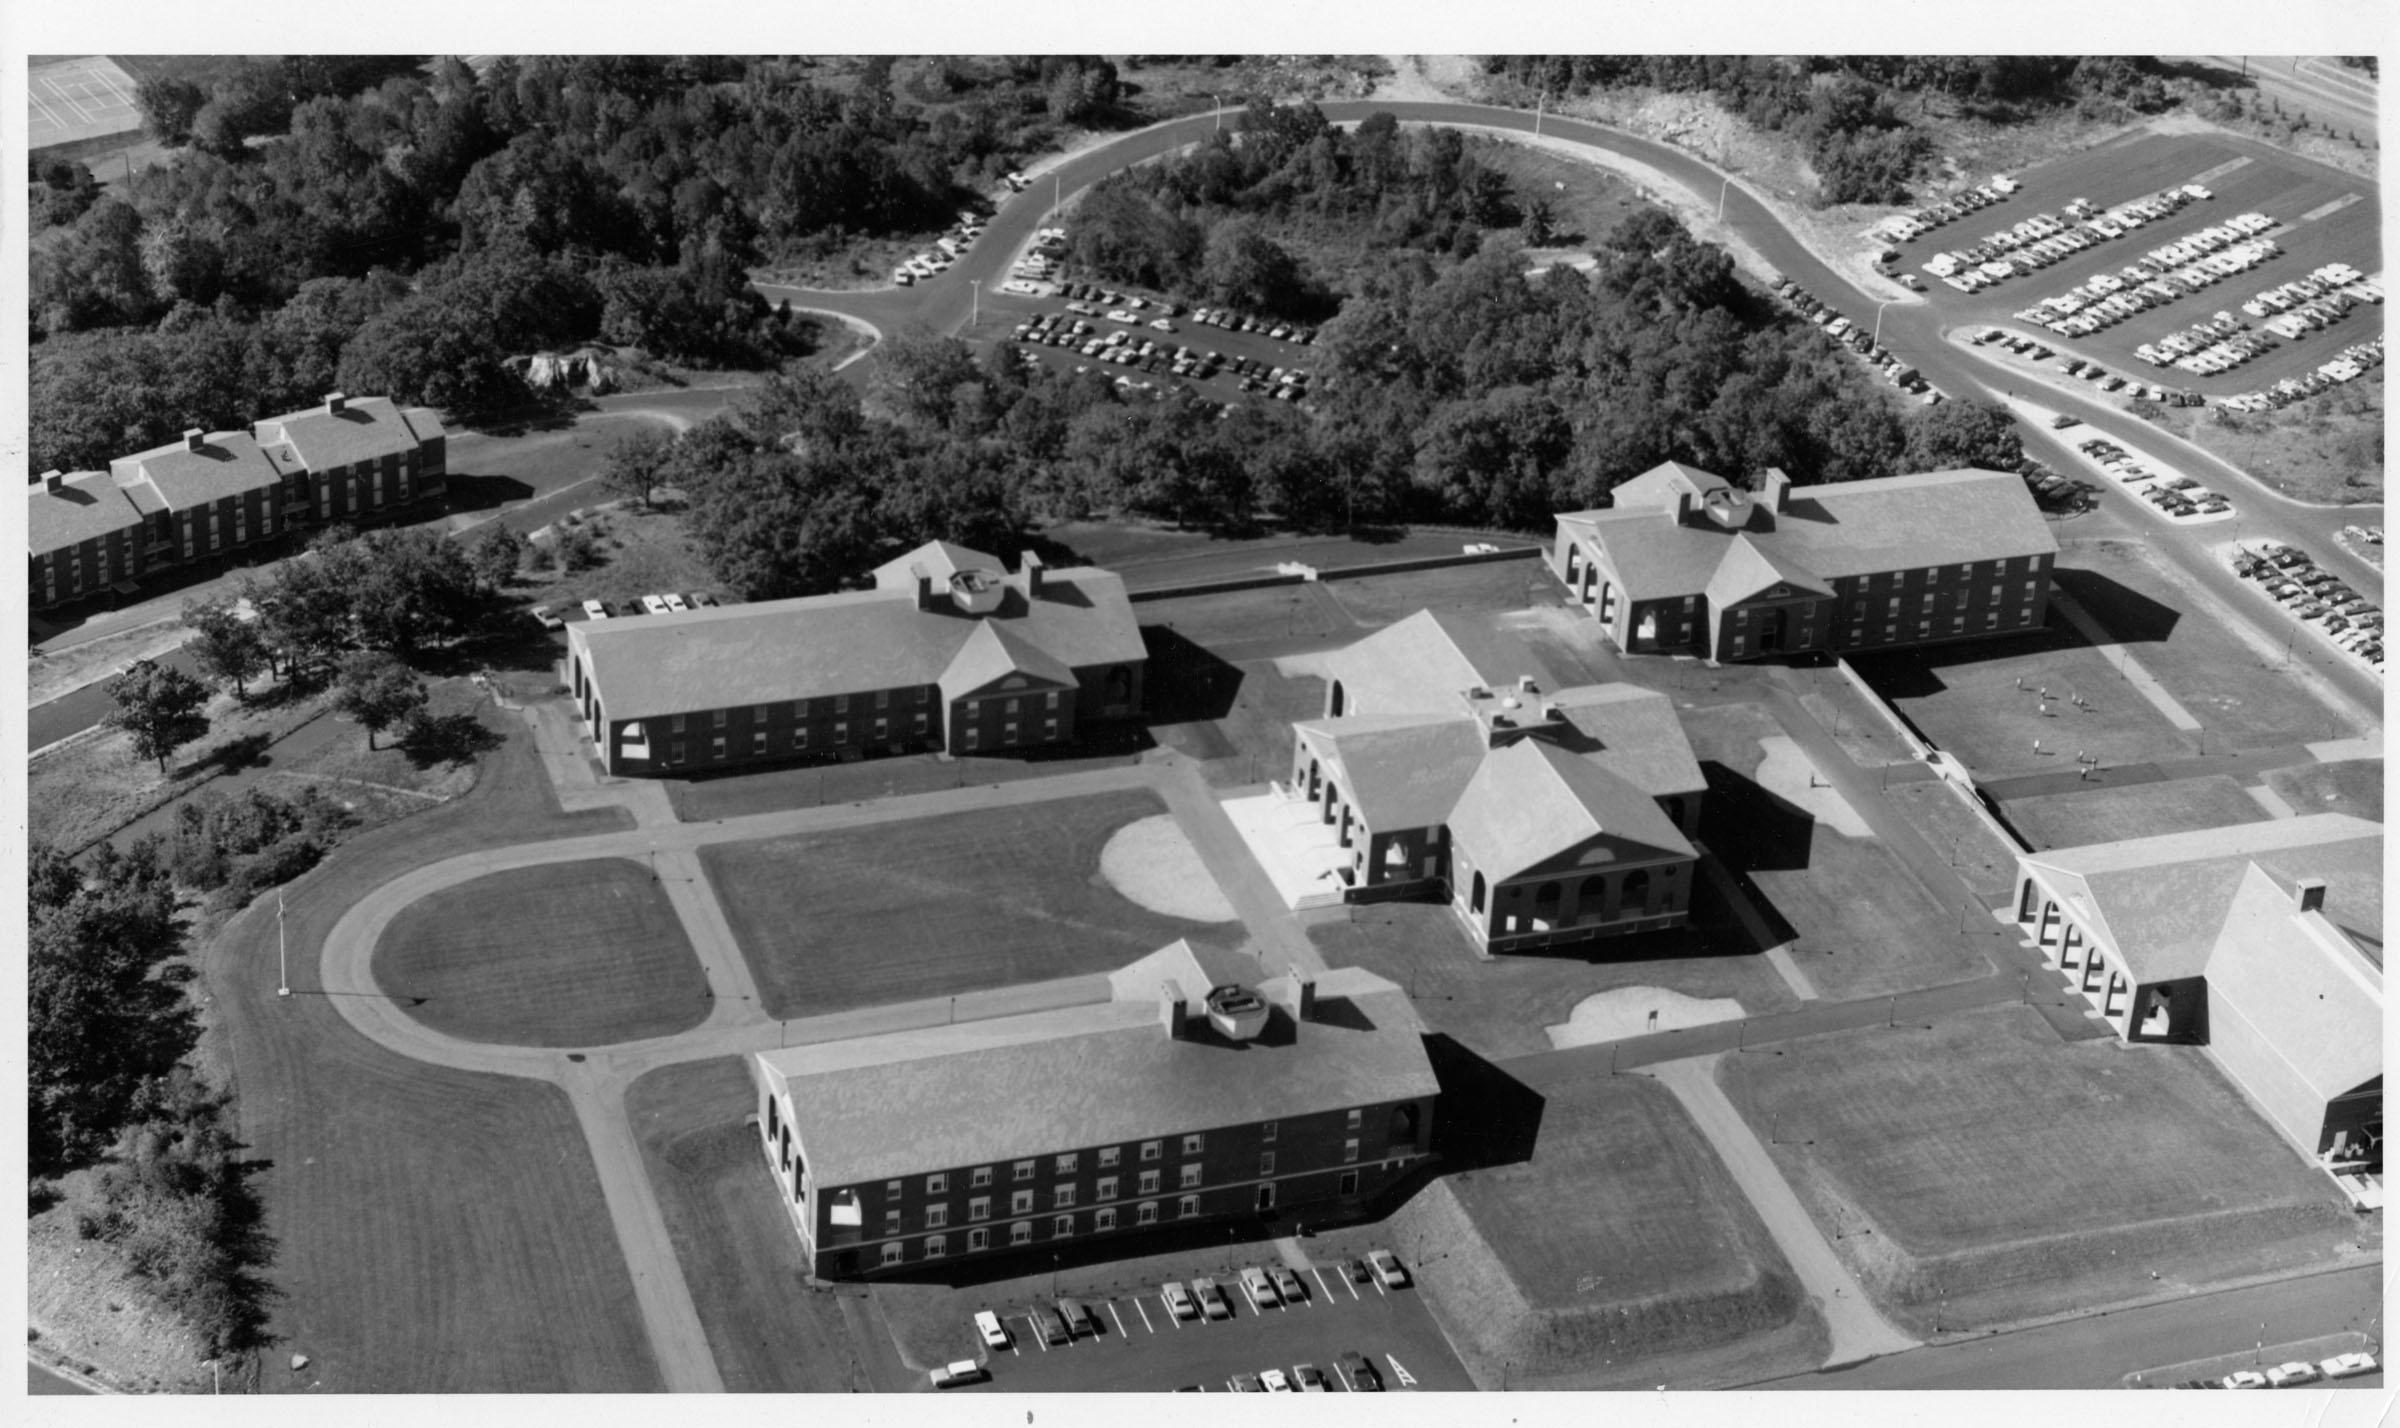 Bentley Campus in Waltham